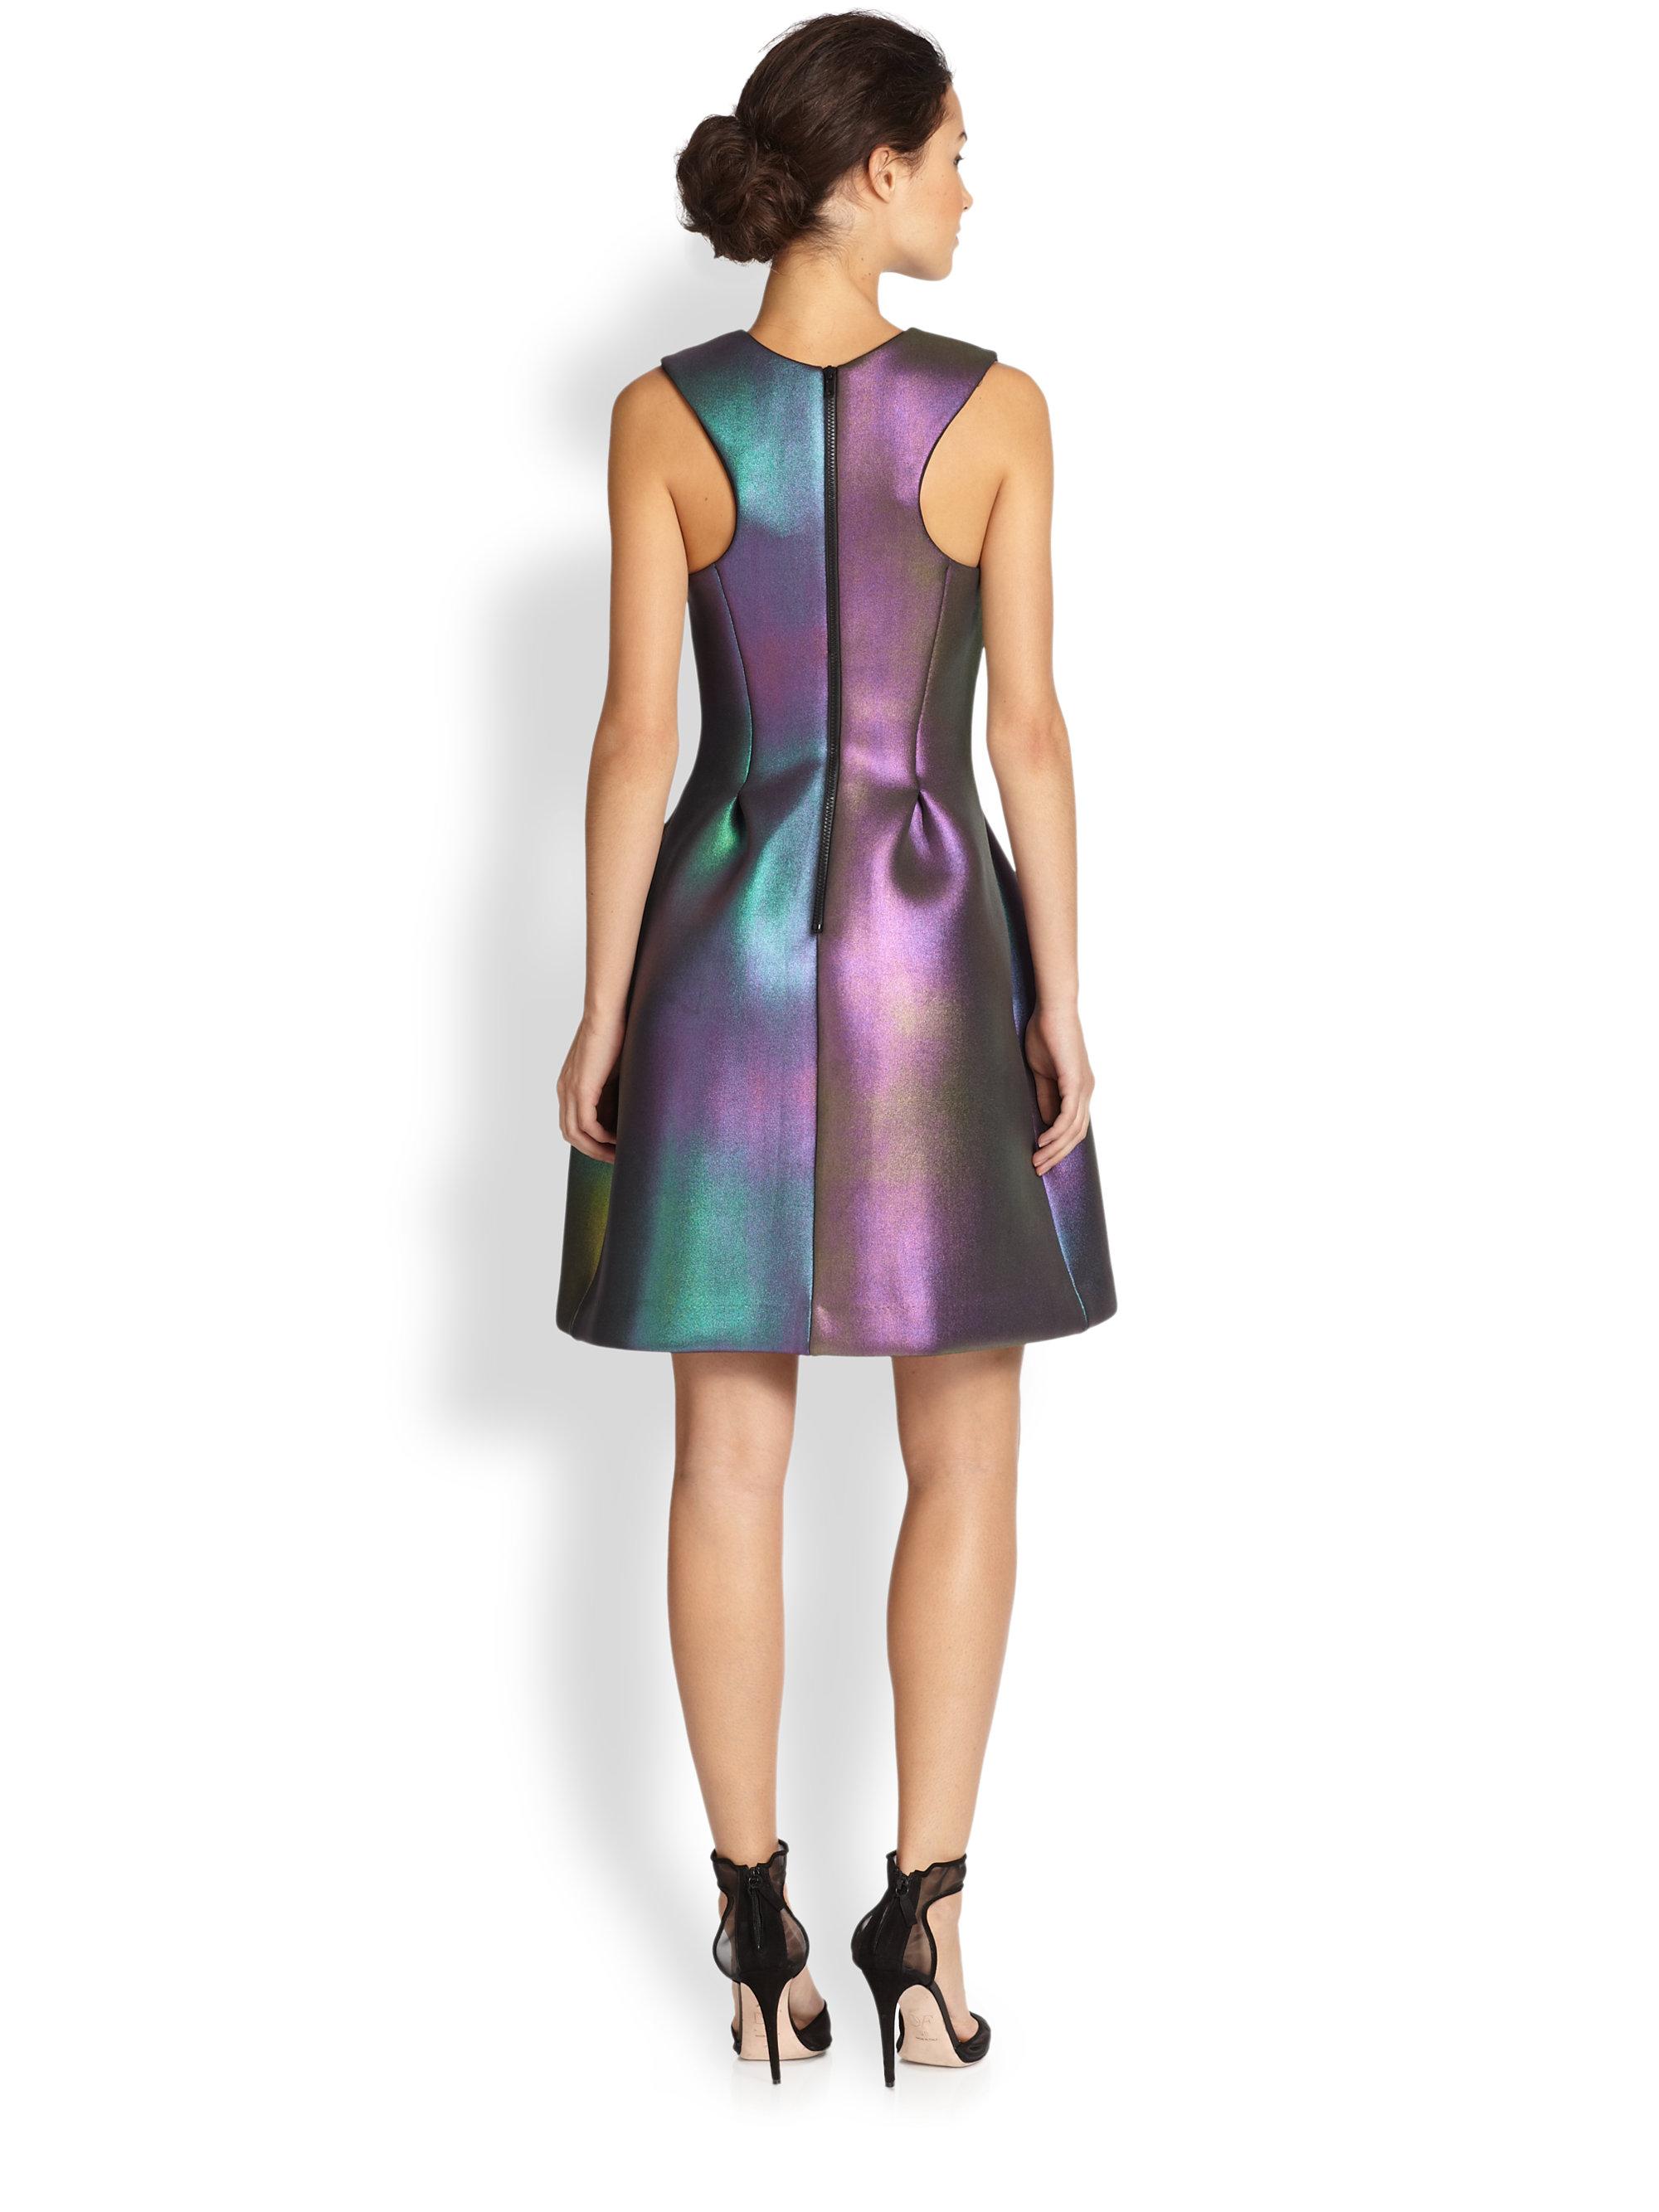 Cynthia Rowley Seamed Iridescent Dress Lyst